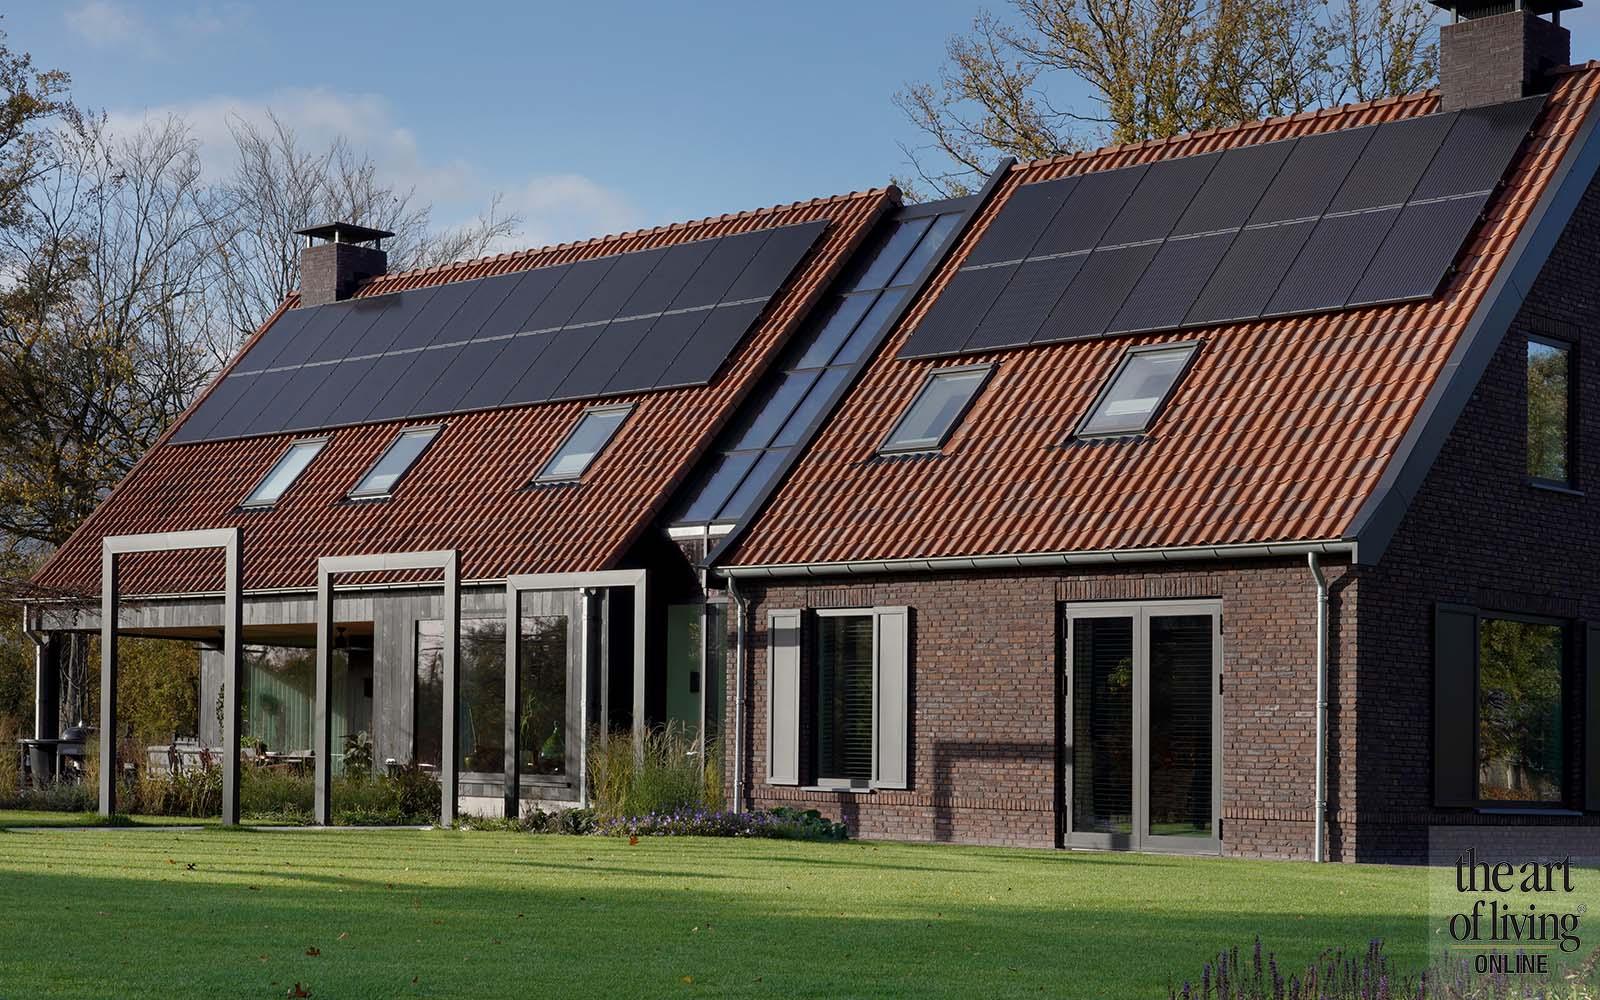 Herenboerderij | Henk Leeflang, the art of living